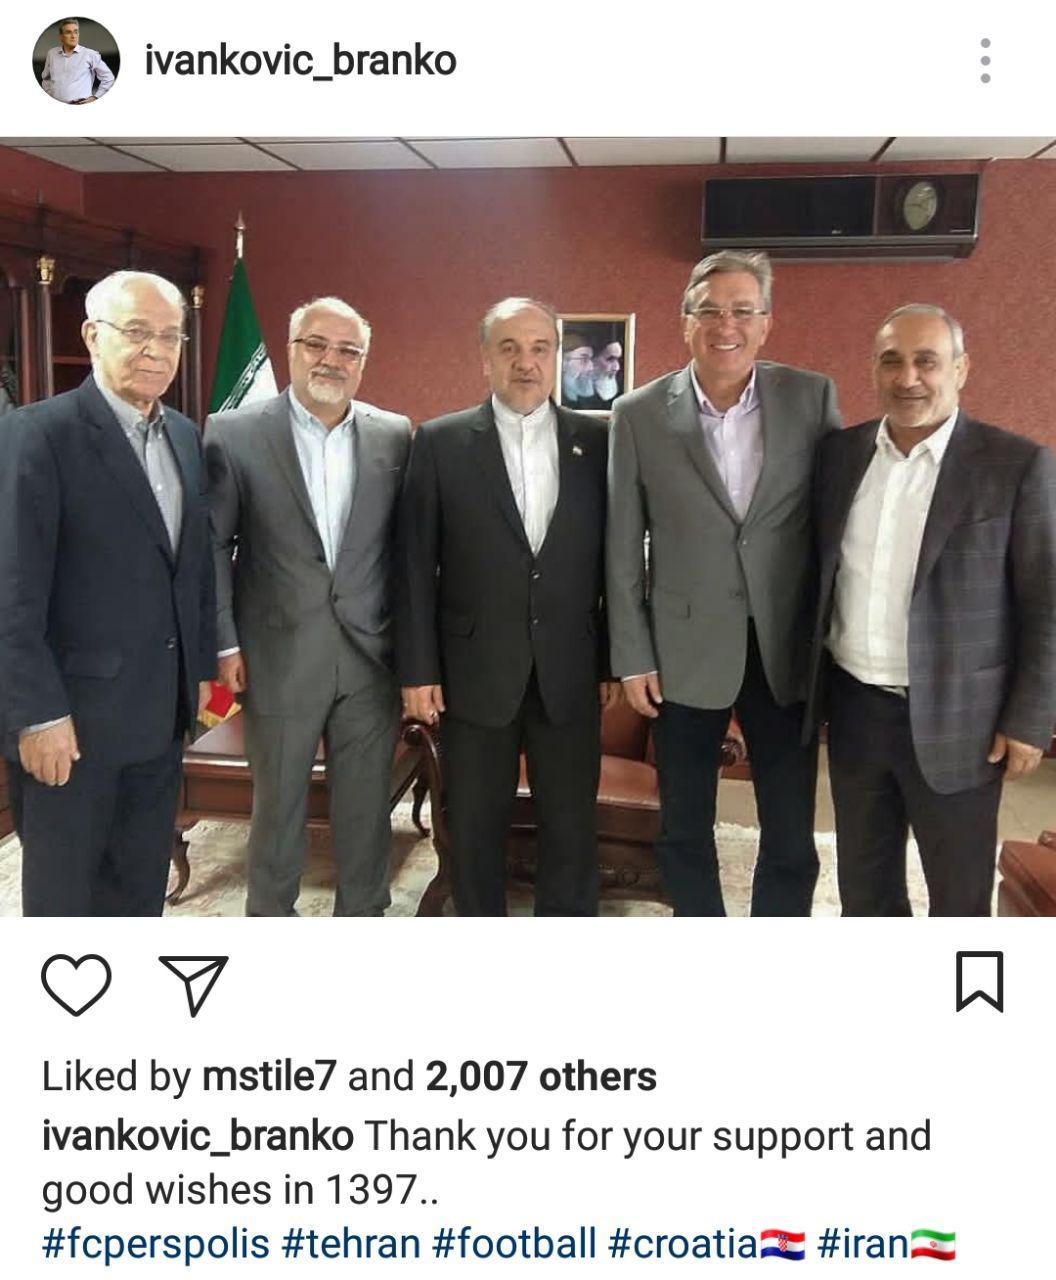 پست  برانکو ایوانکوویچ برای  تشکر از وزیر ورزش